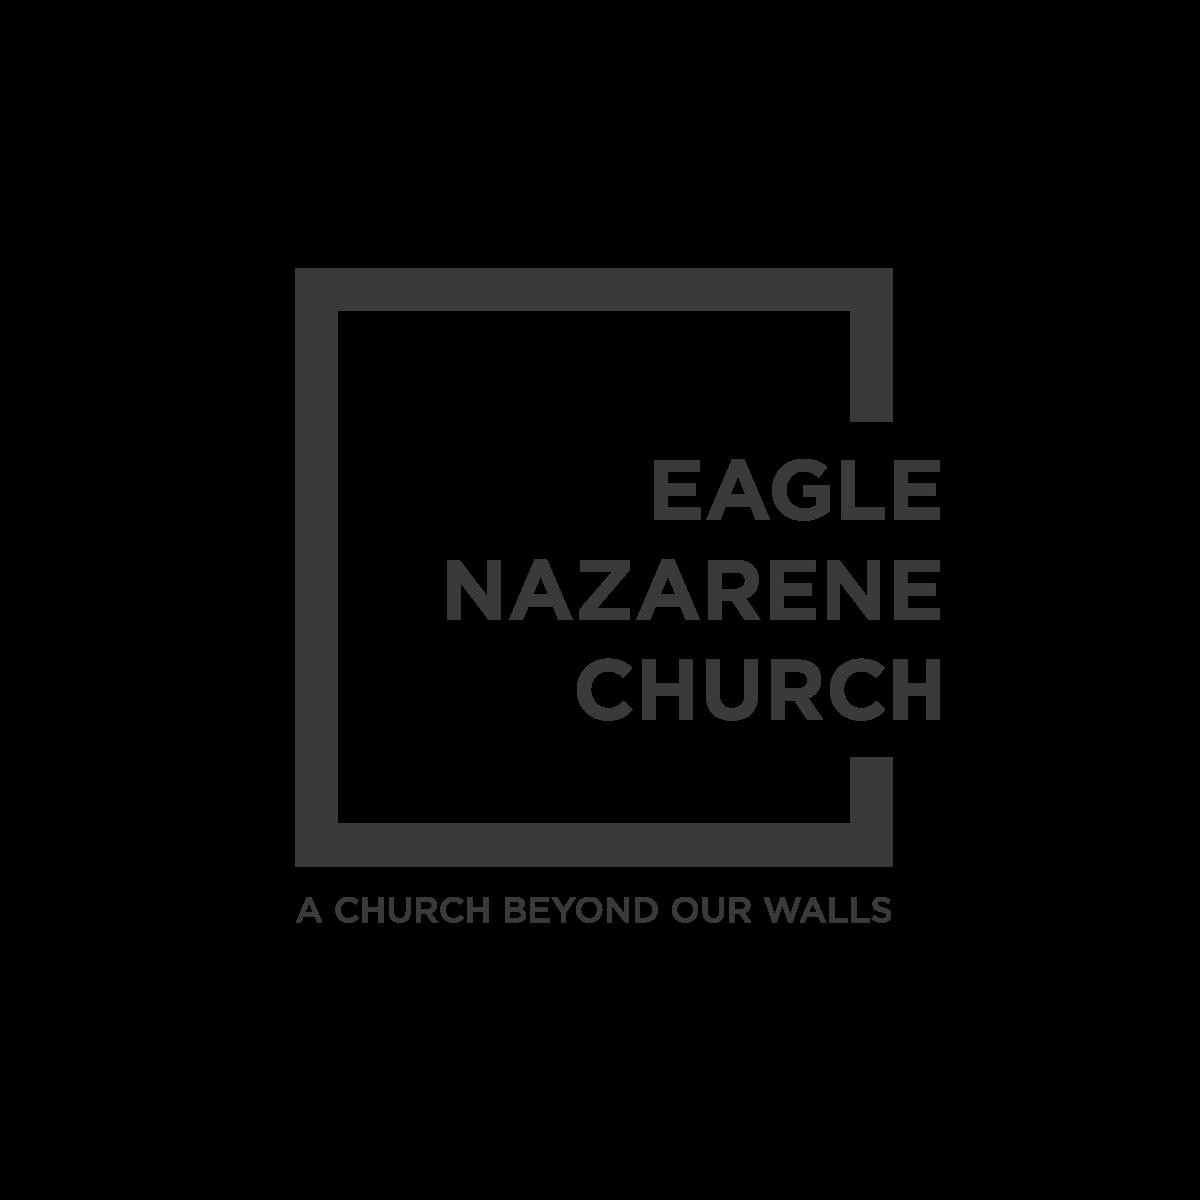 Eagle Nazarene